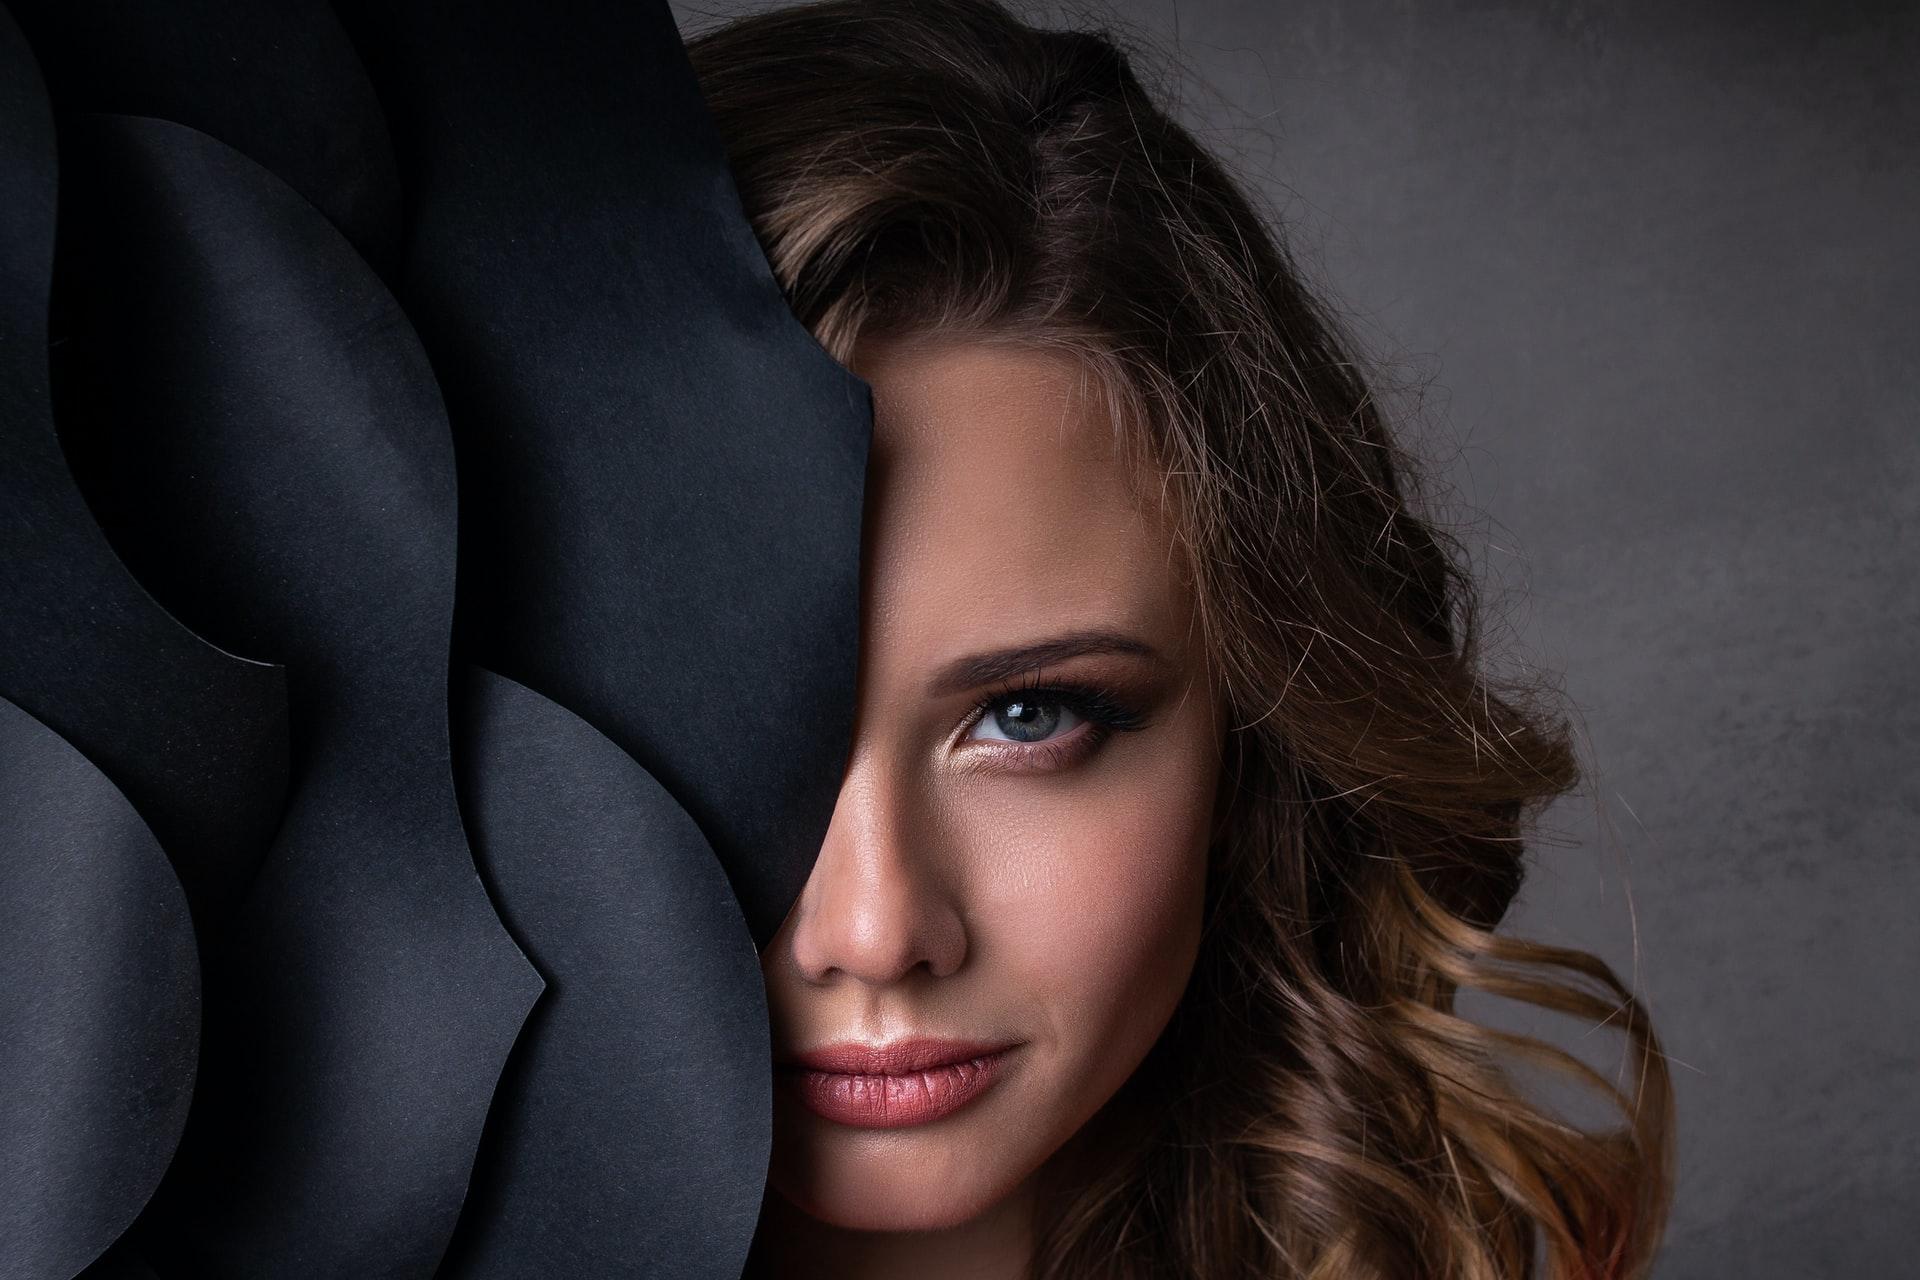 7 Manfaat Laser Wajah dari Hilangkan Jerawat Membandel hingga Keriput